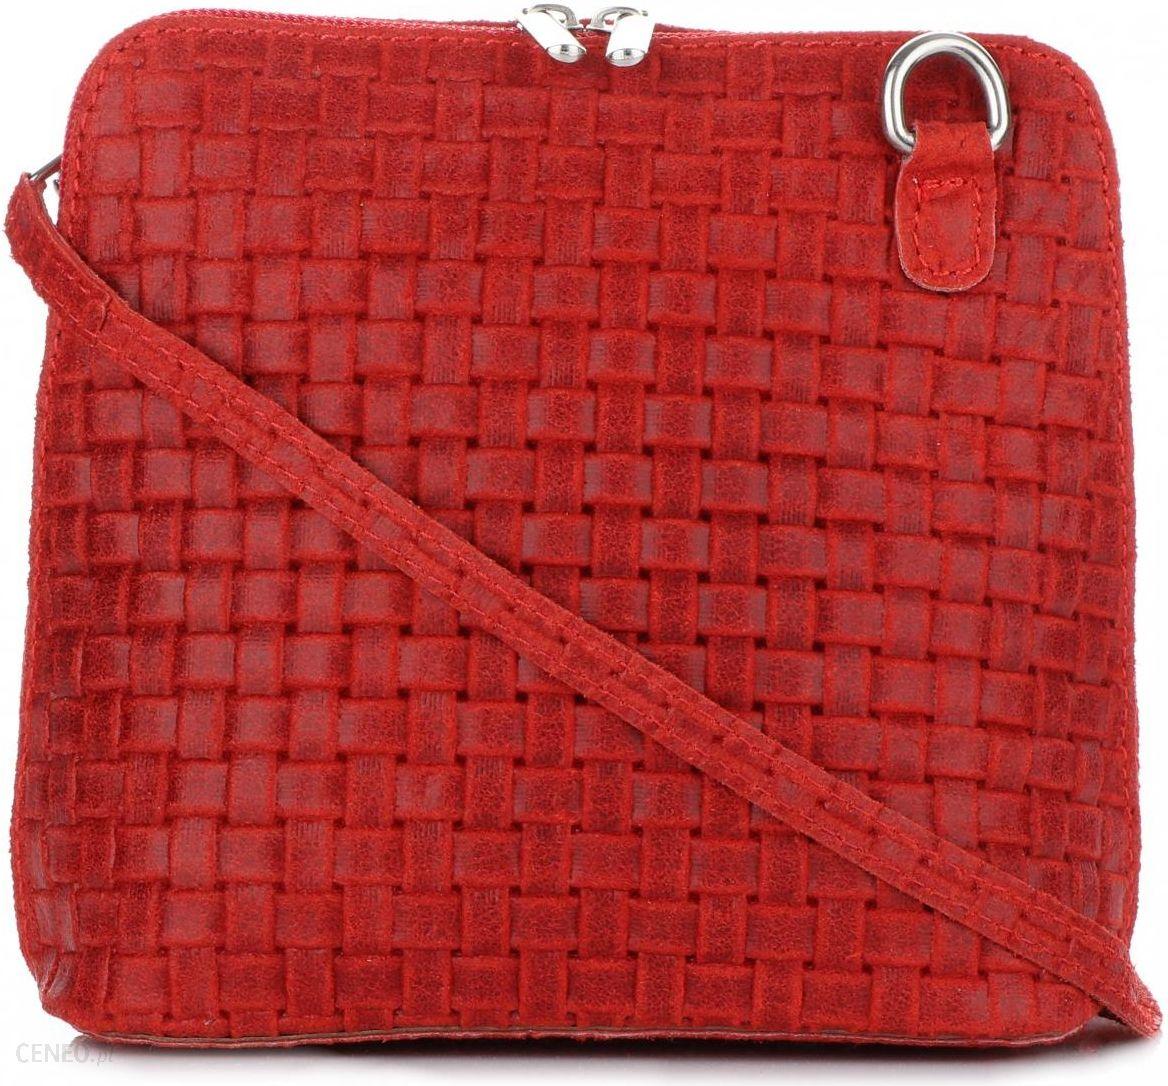 87c35813e46d9 Mała Włoska Torebka Skórzana Listonoszka firmy Genuine Leather Czerwona -  zdjęcie 1